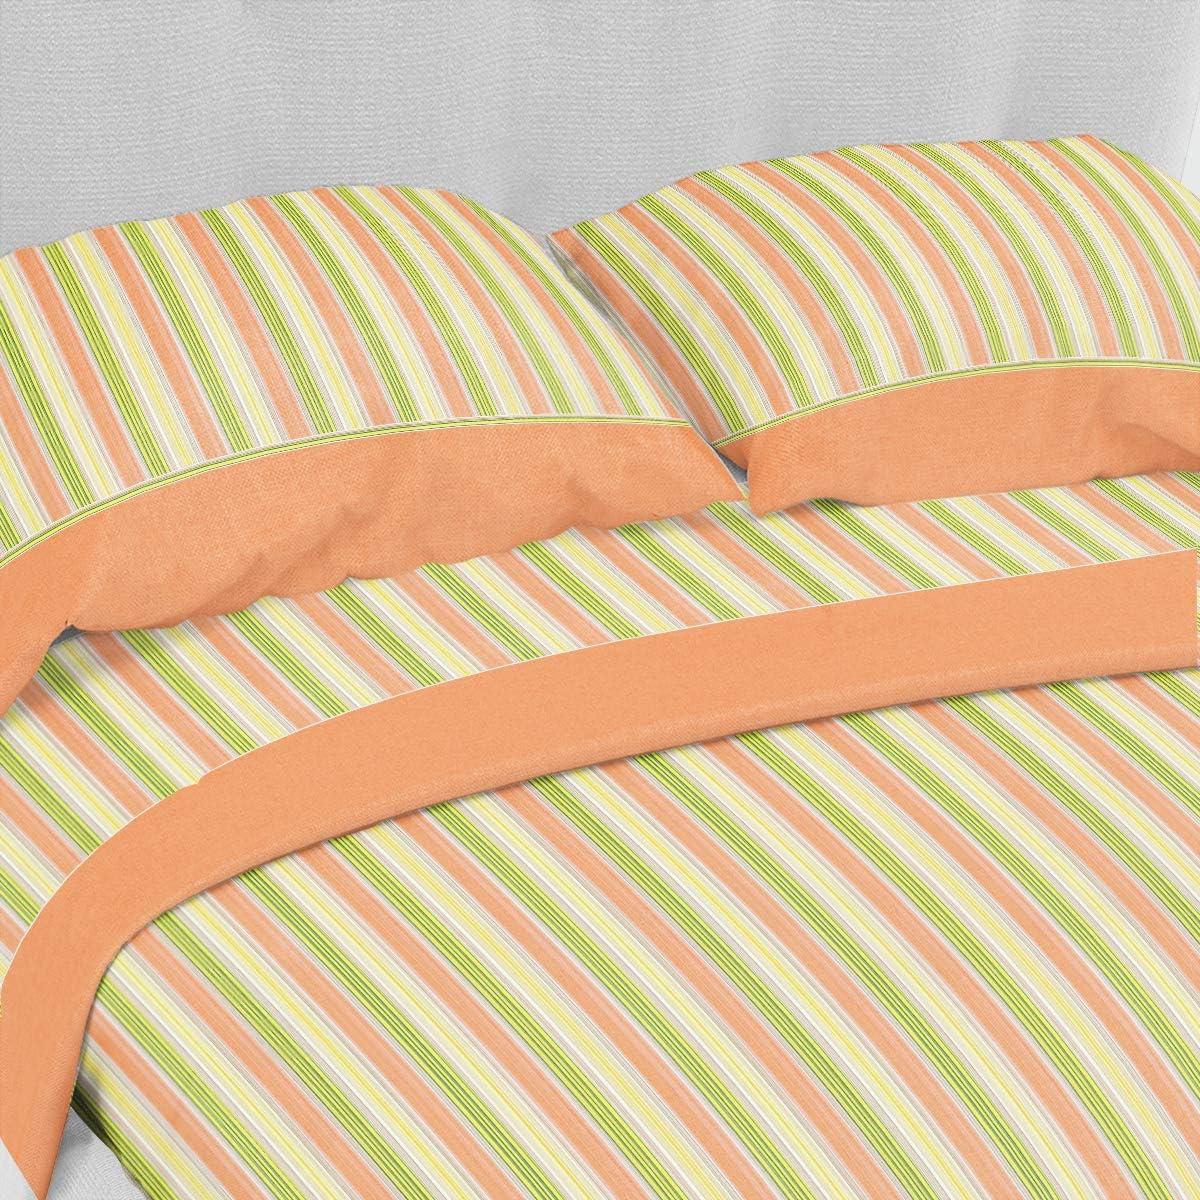 CASANOV/è Set Completo Letto Lenzuola Matrimoniale 2P Stampato in Morbida Microfibra PRODTTO Mede in Italy in 12 Varianti Linea Basic Carry Arancio, Matrimoniale 2P